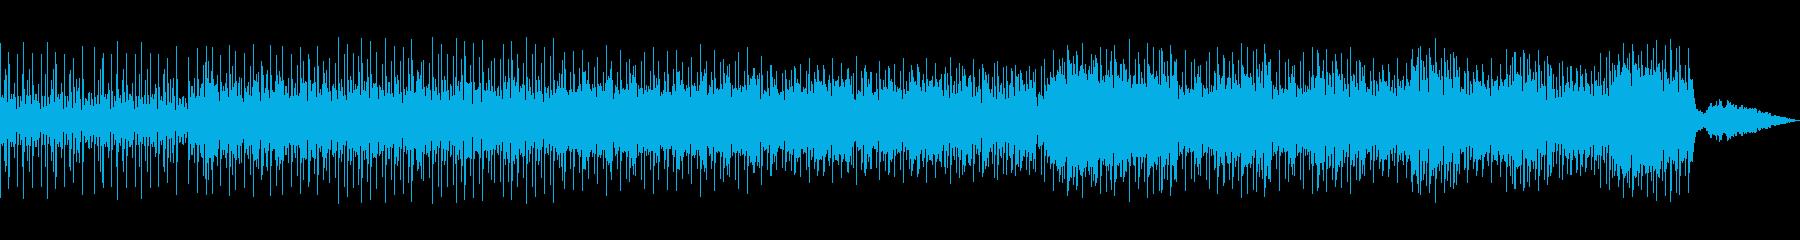 和太鼓が躍動する和風のリズムの再生済みの波形